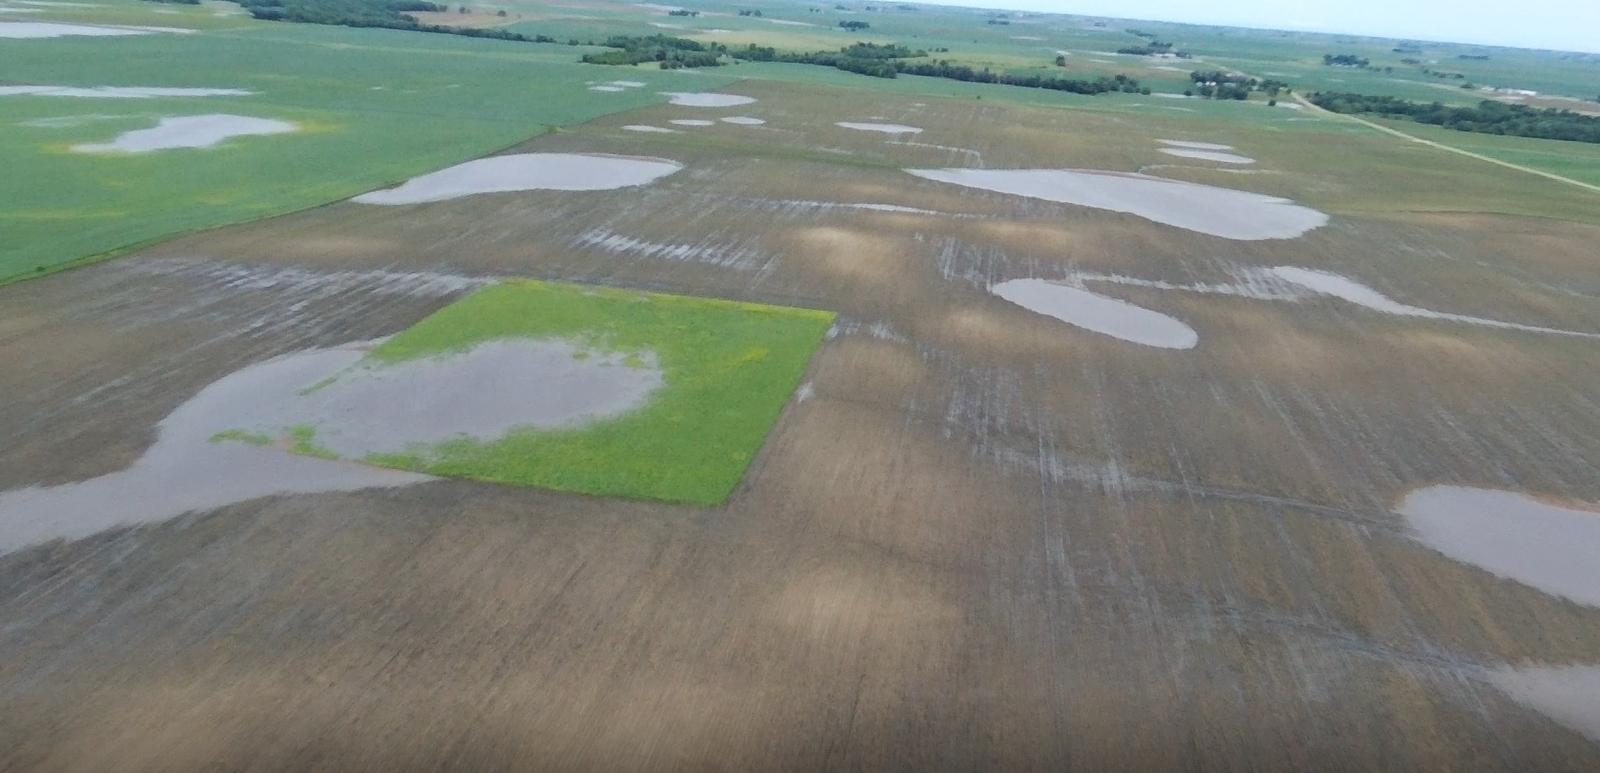 Drone flight over flooded fields in Iowa